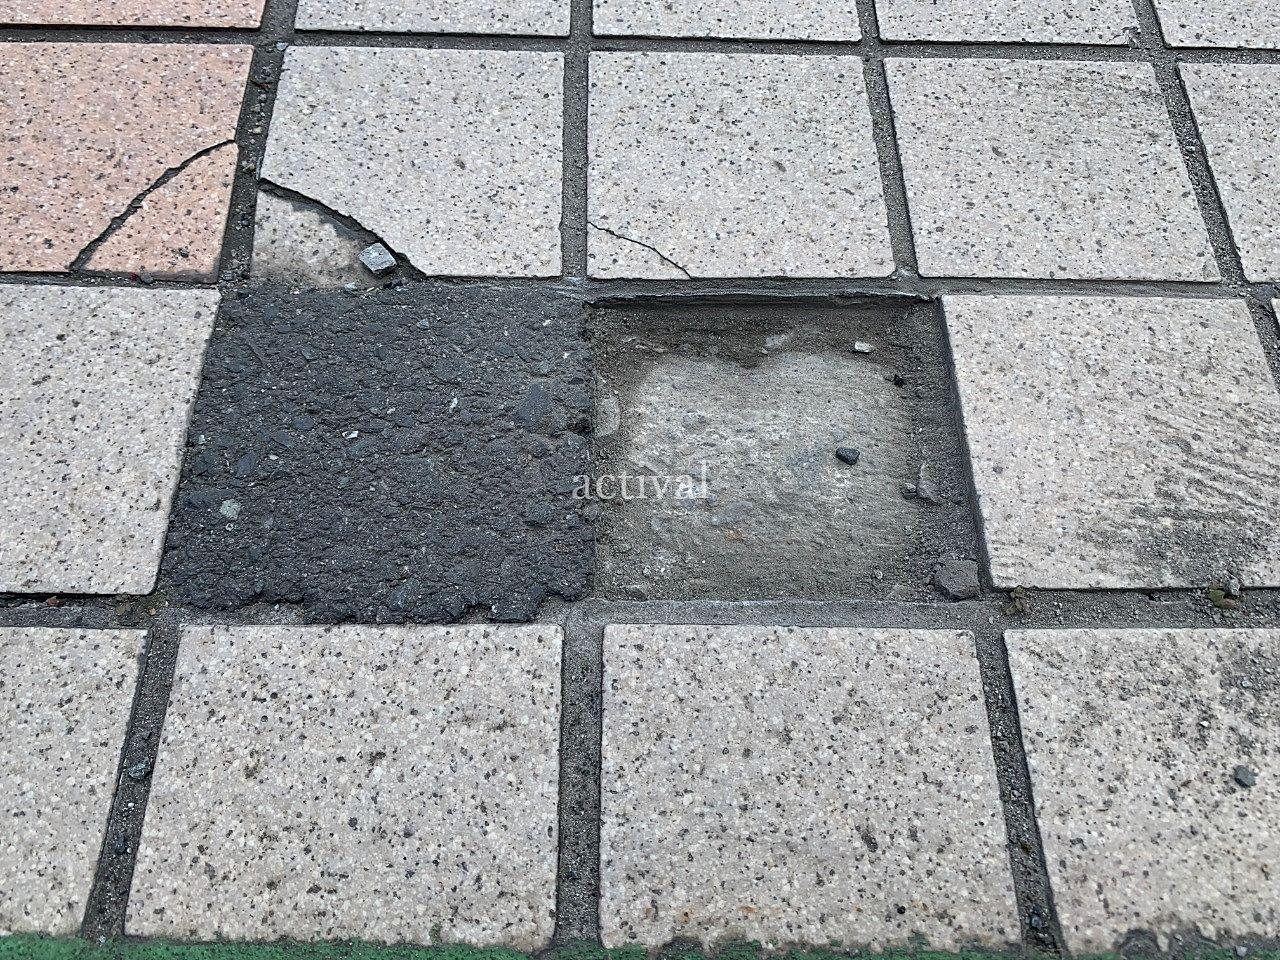 ア・ス・ヴェルデⅡ前の欠けていた歩道のタイルです。